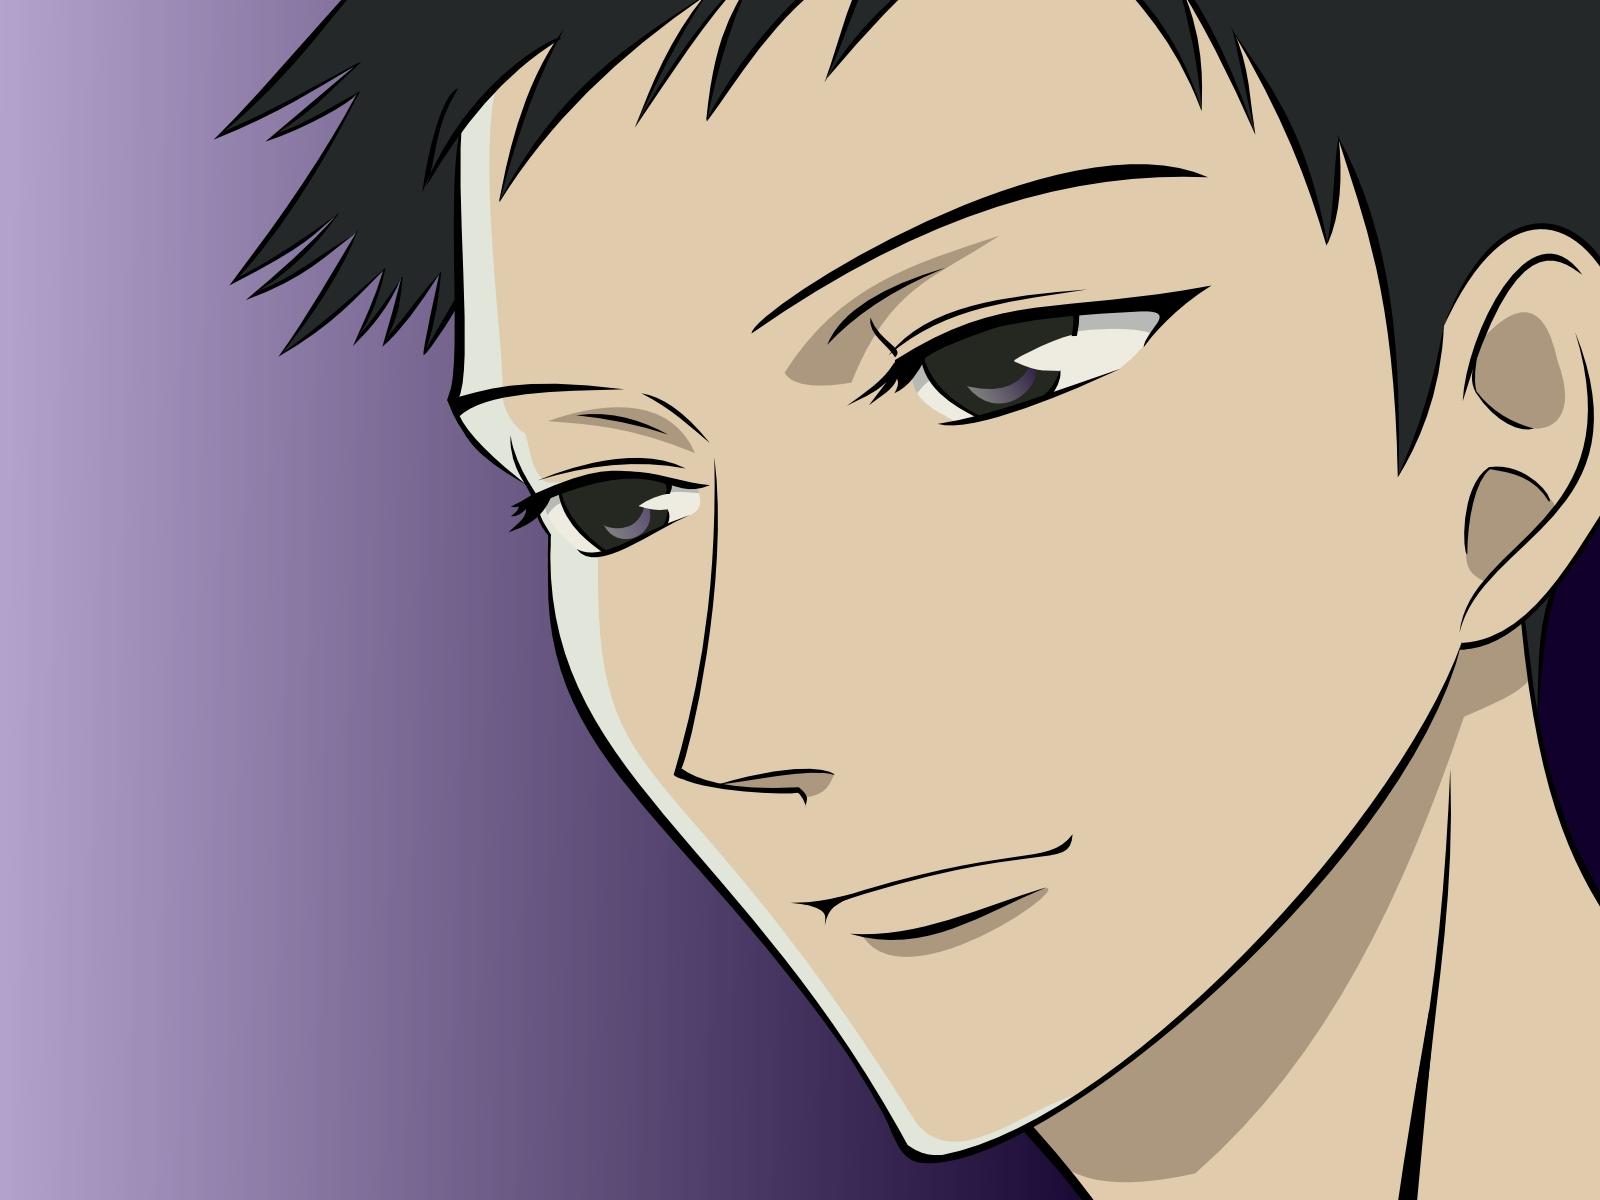 Wallpaper : Face, Drawing, Illustration, Anime, Brunette